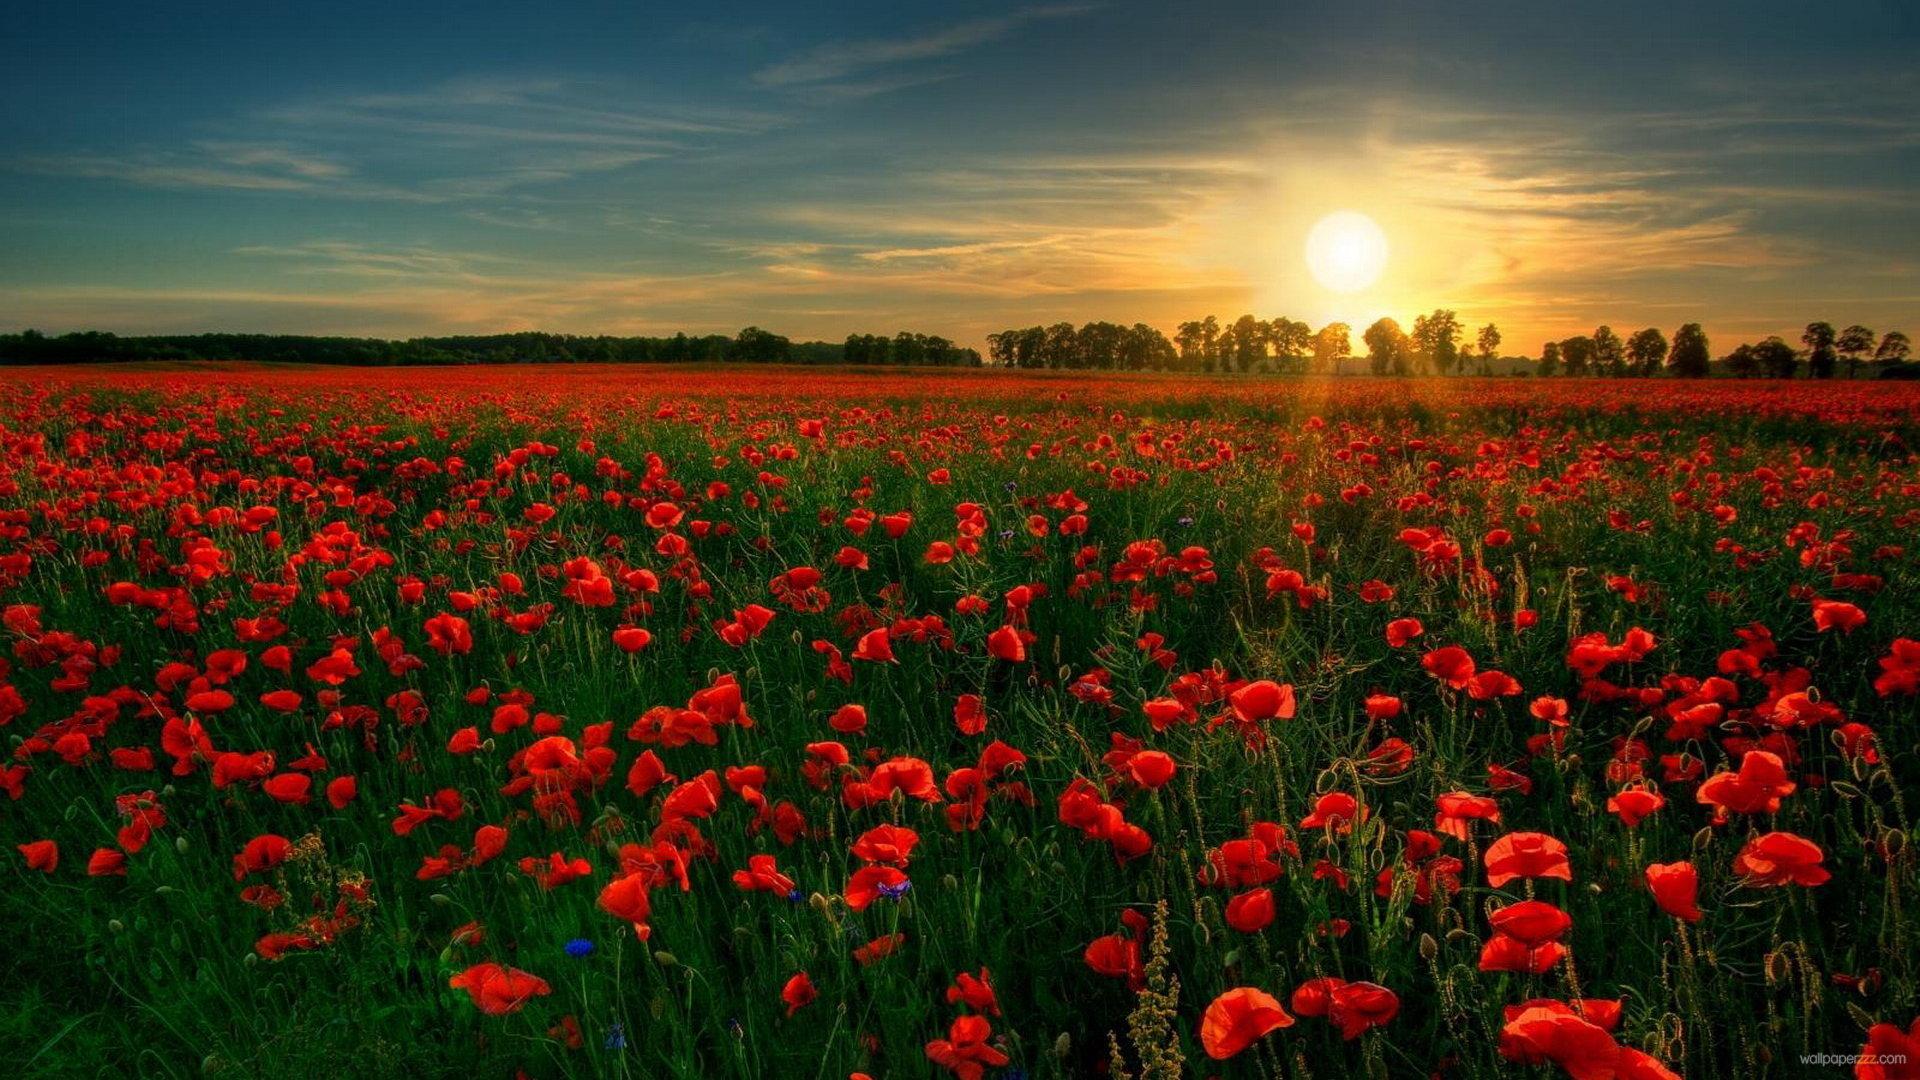 Poppy Field HD 32145 1680x1050 px